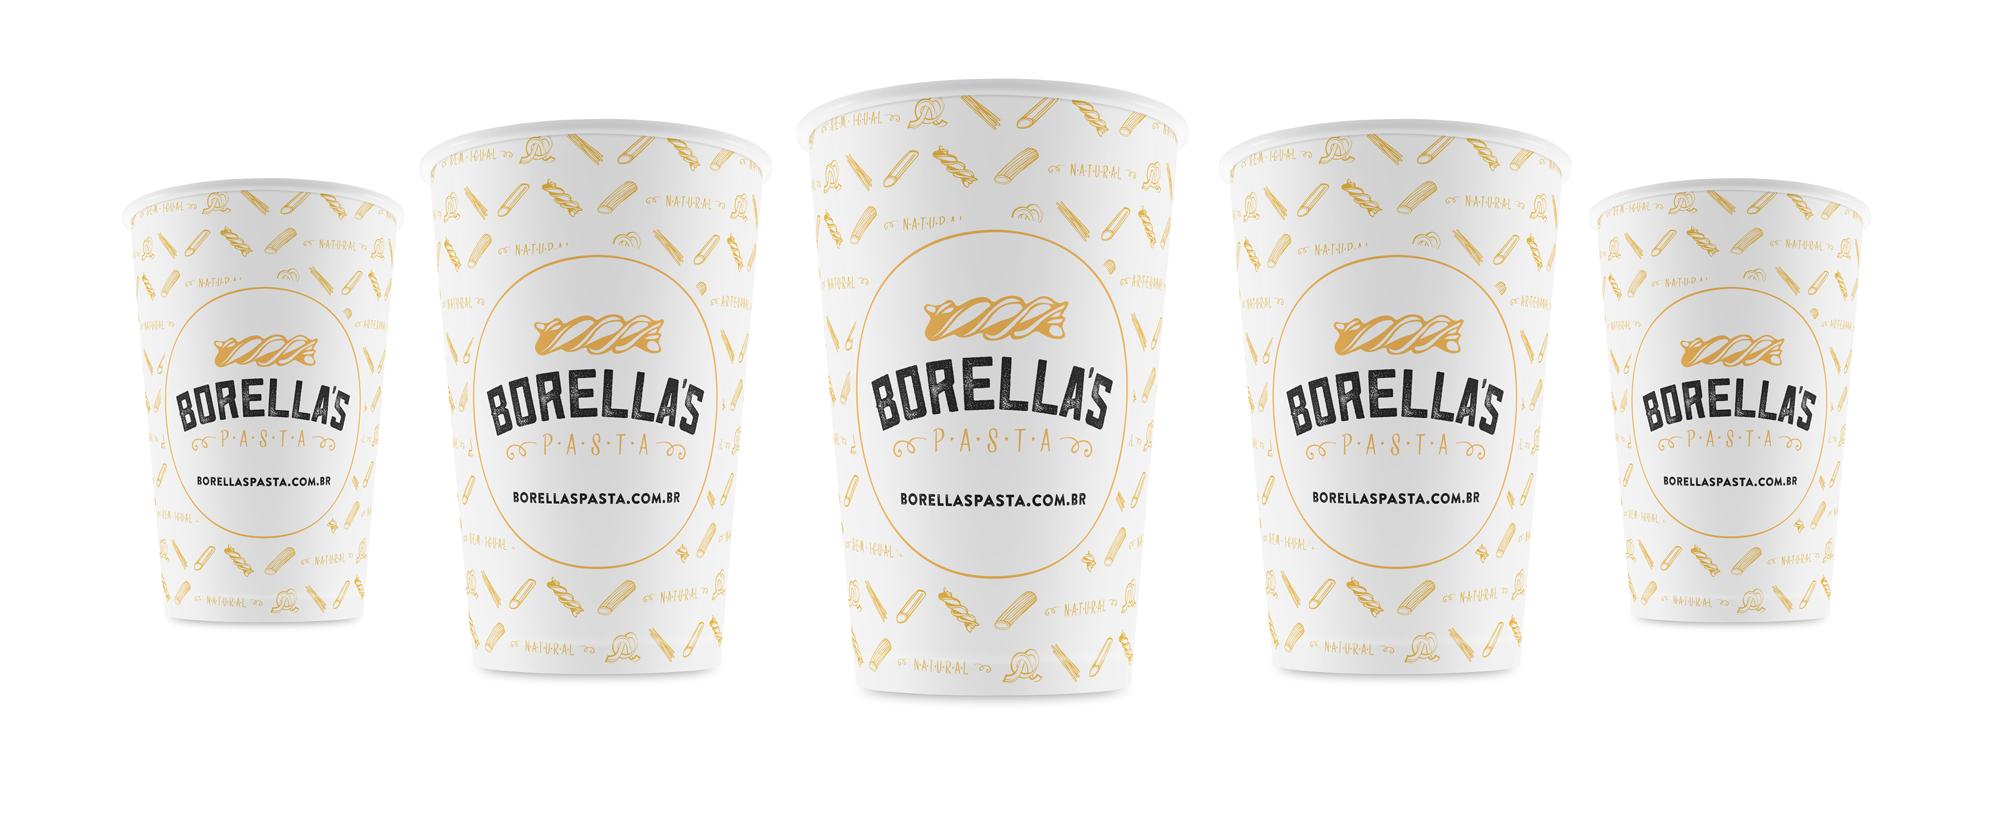 Borella's Pasta